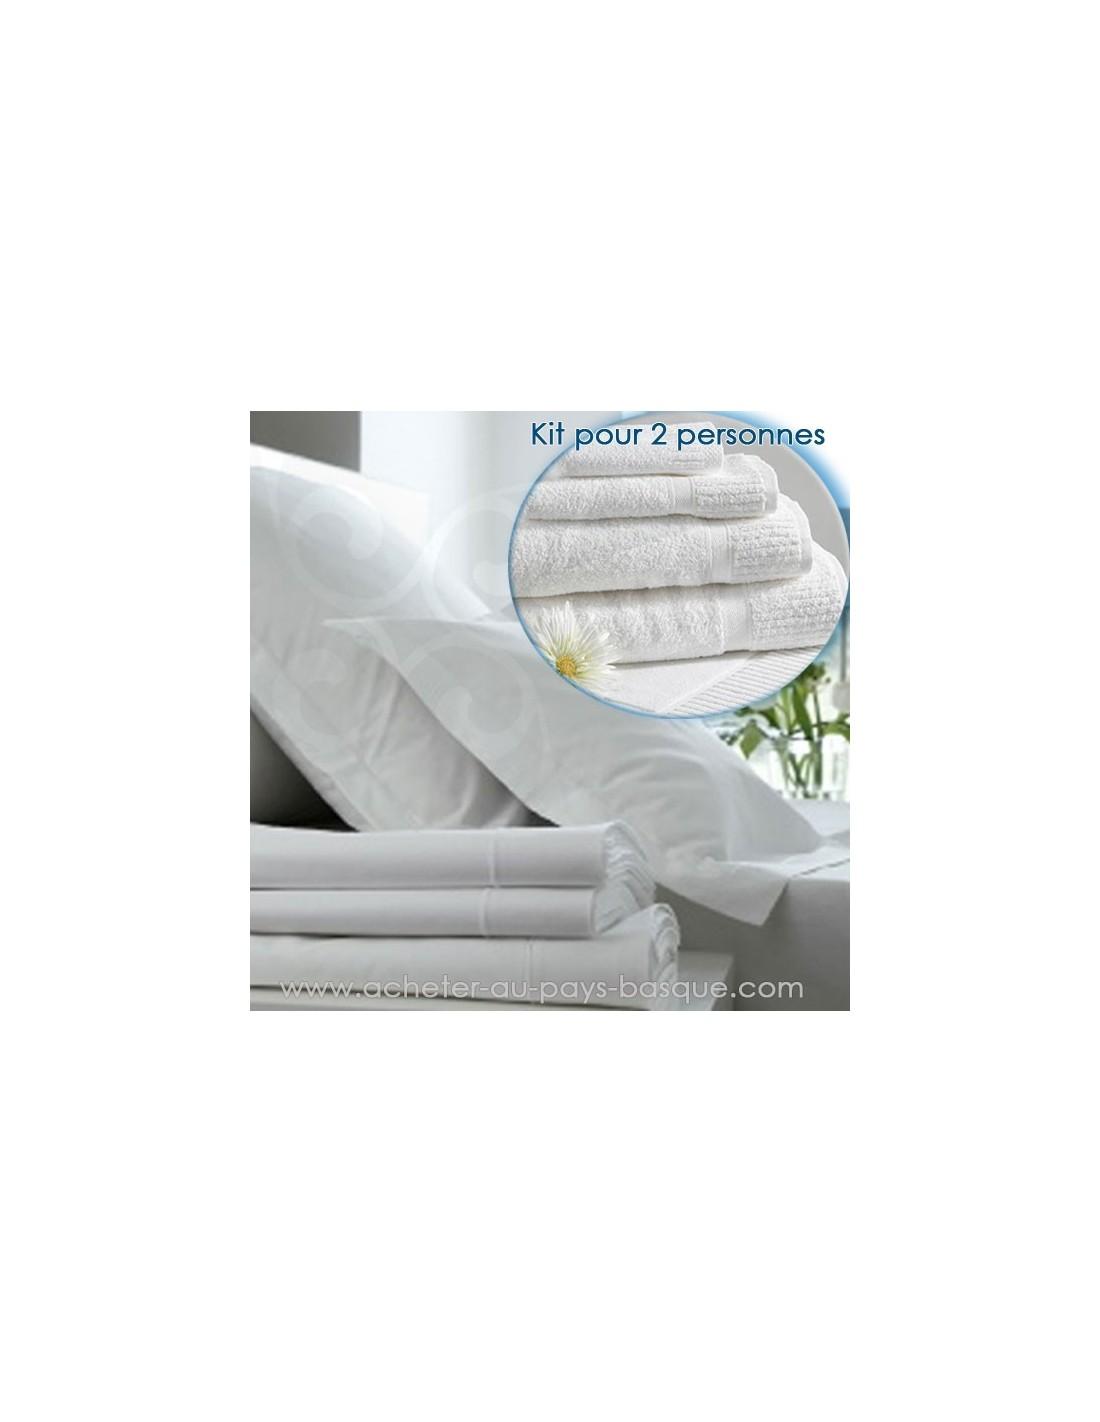 location linge lit bain kit 1pers pressing kleber biarritz. Black Bedroom Furniture Sets. Home Design Ideas